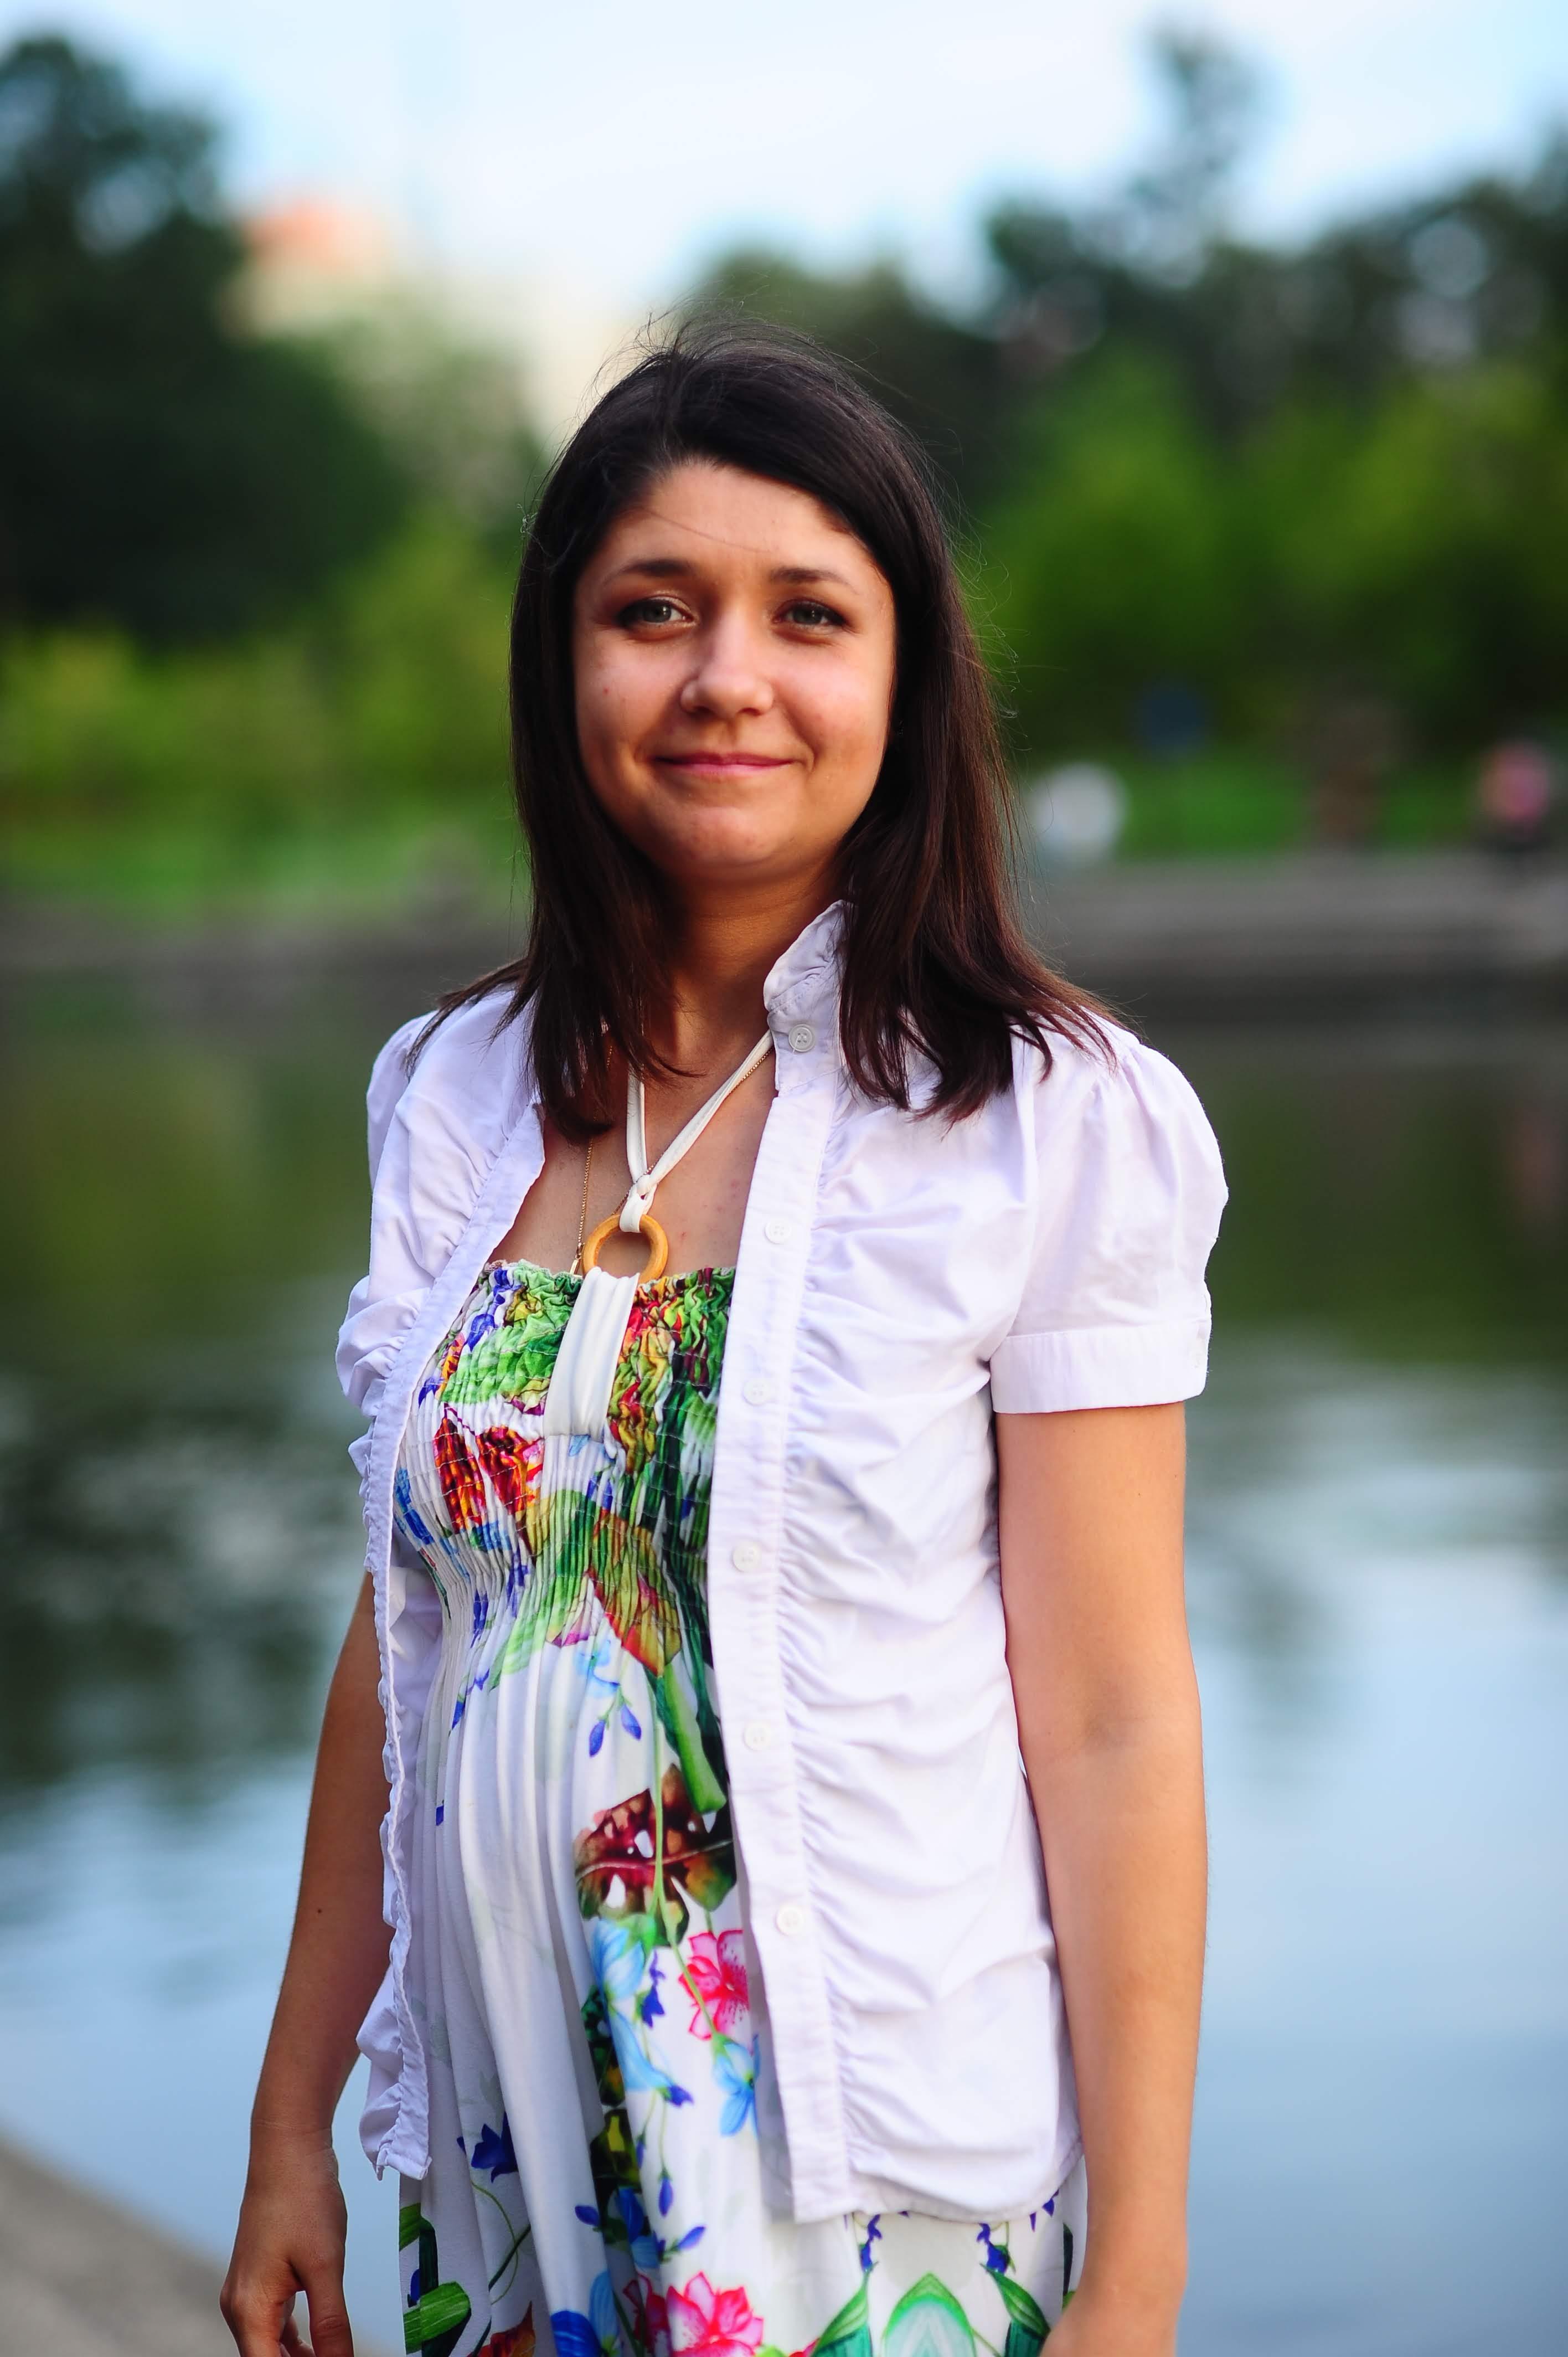 Ioana Markovits